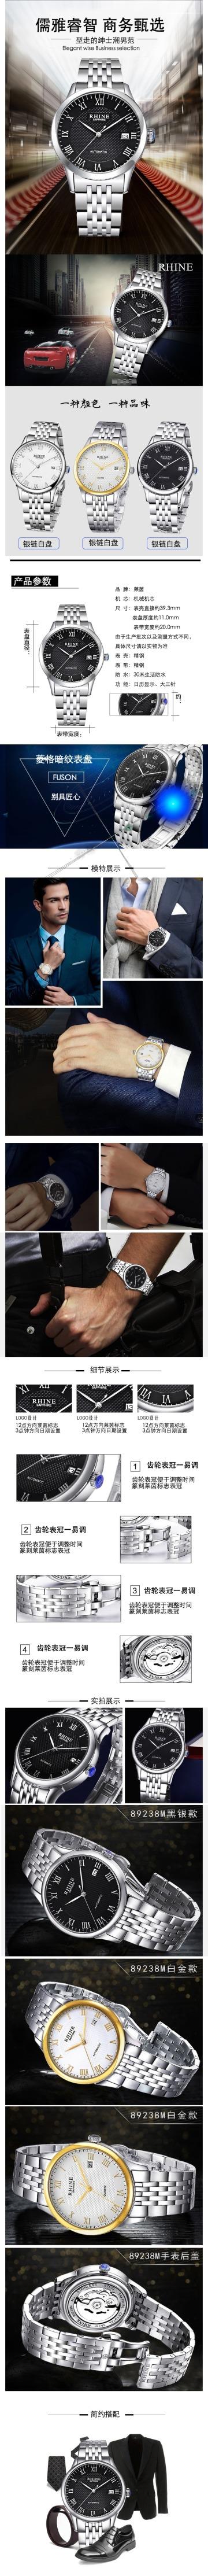 时尚炫酷商务手表电商详情图